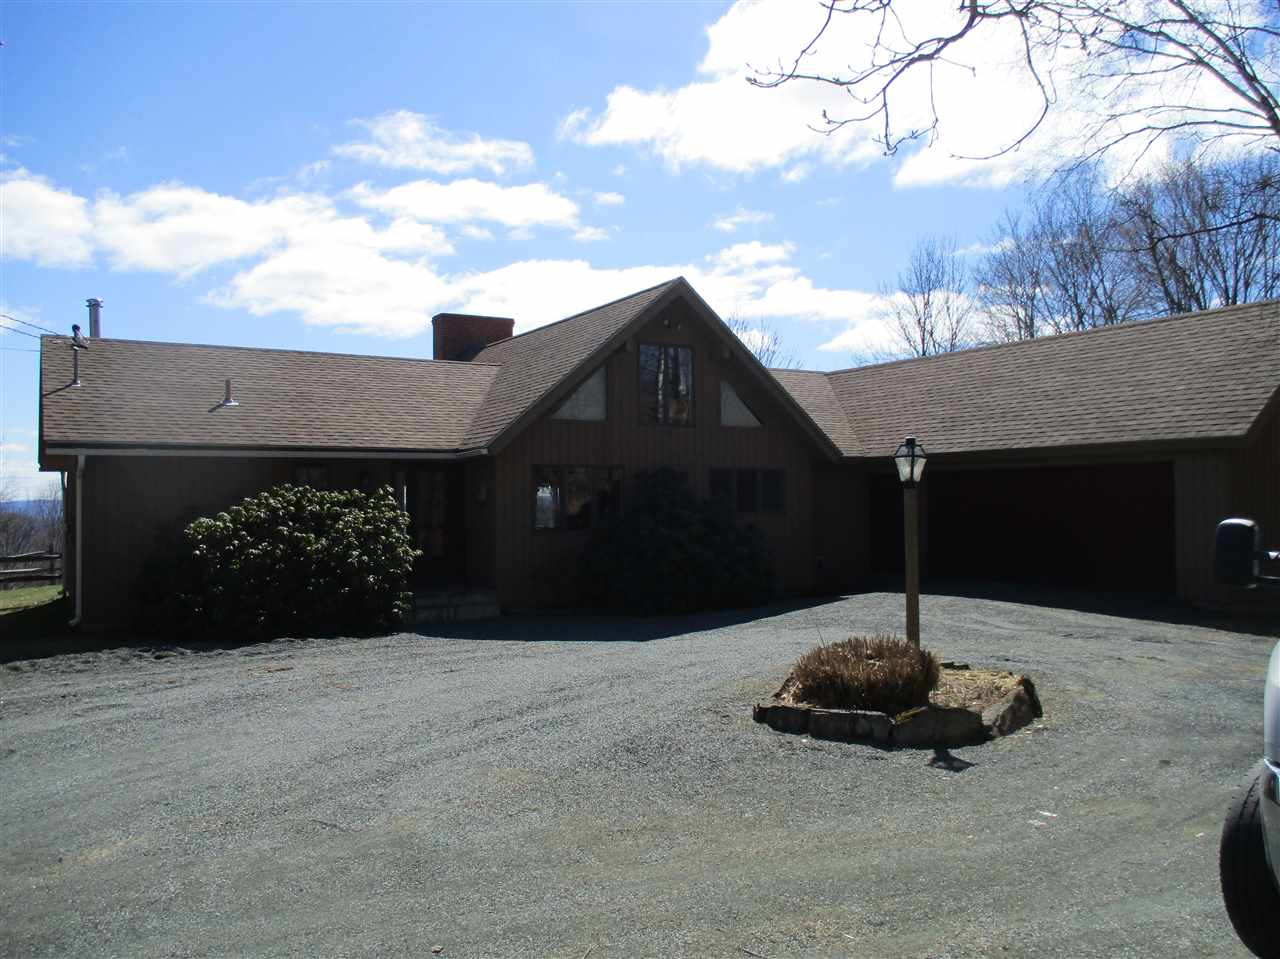 image of Hartford VT Home | sq.ft. 3894